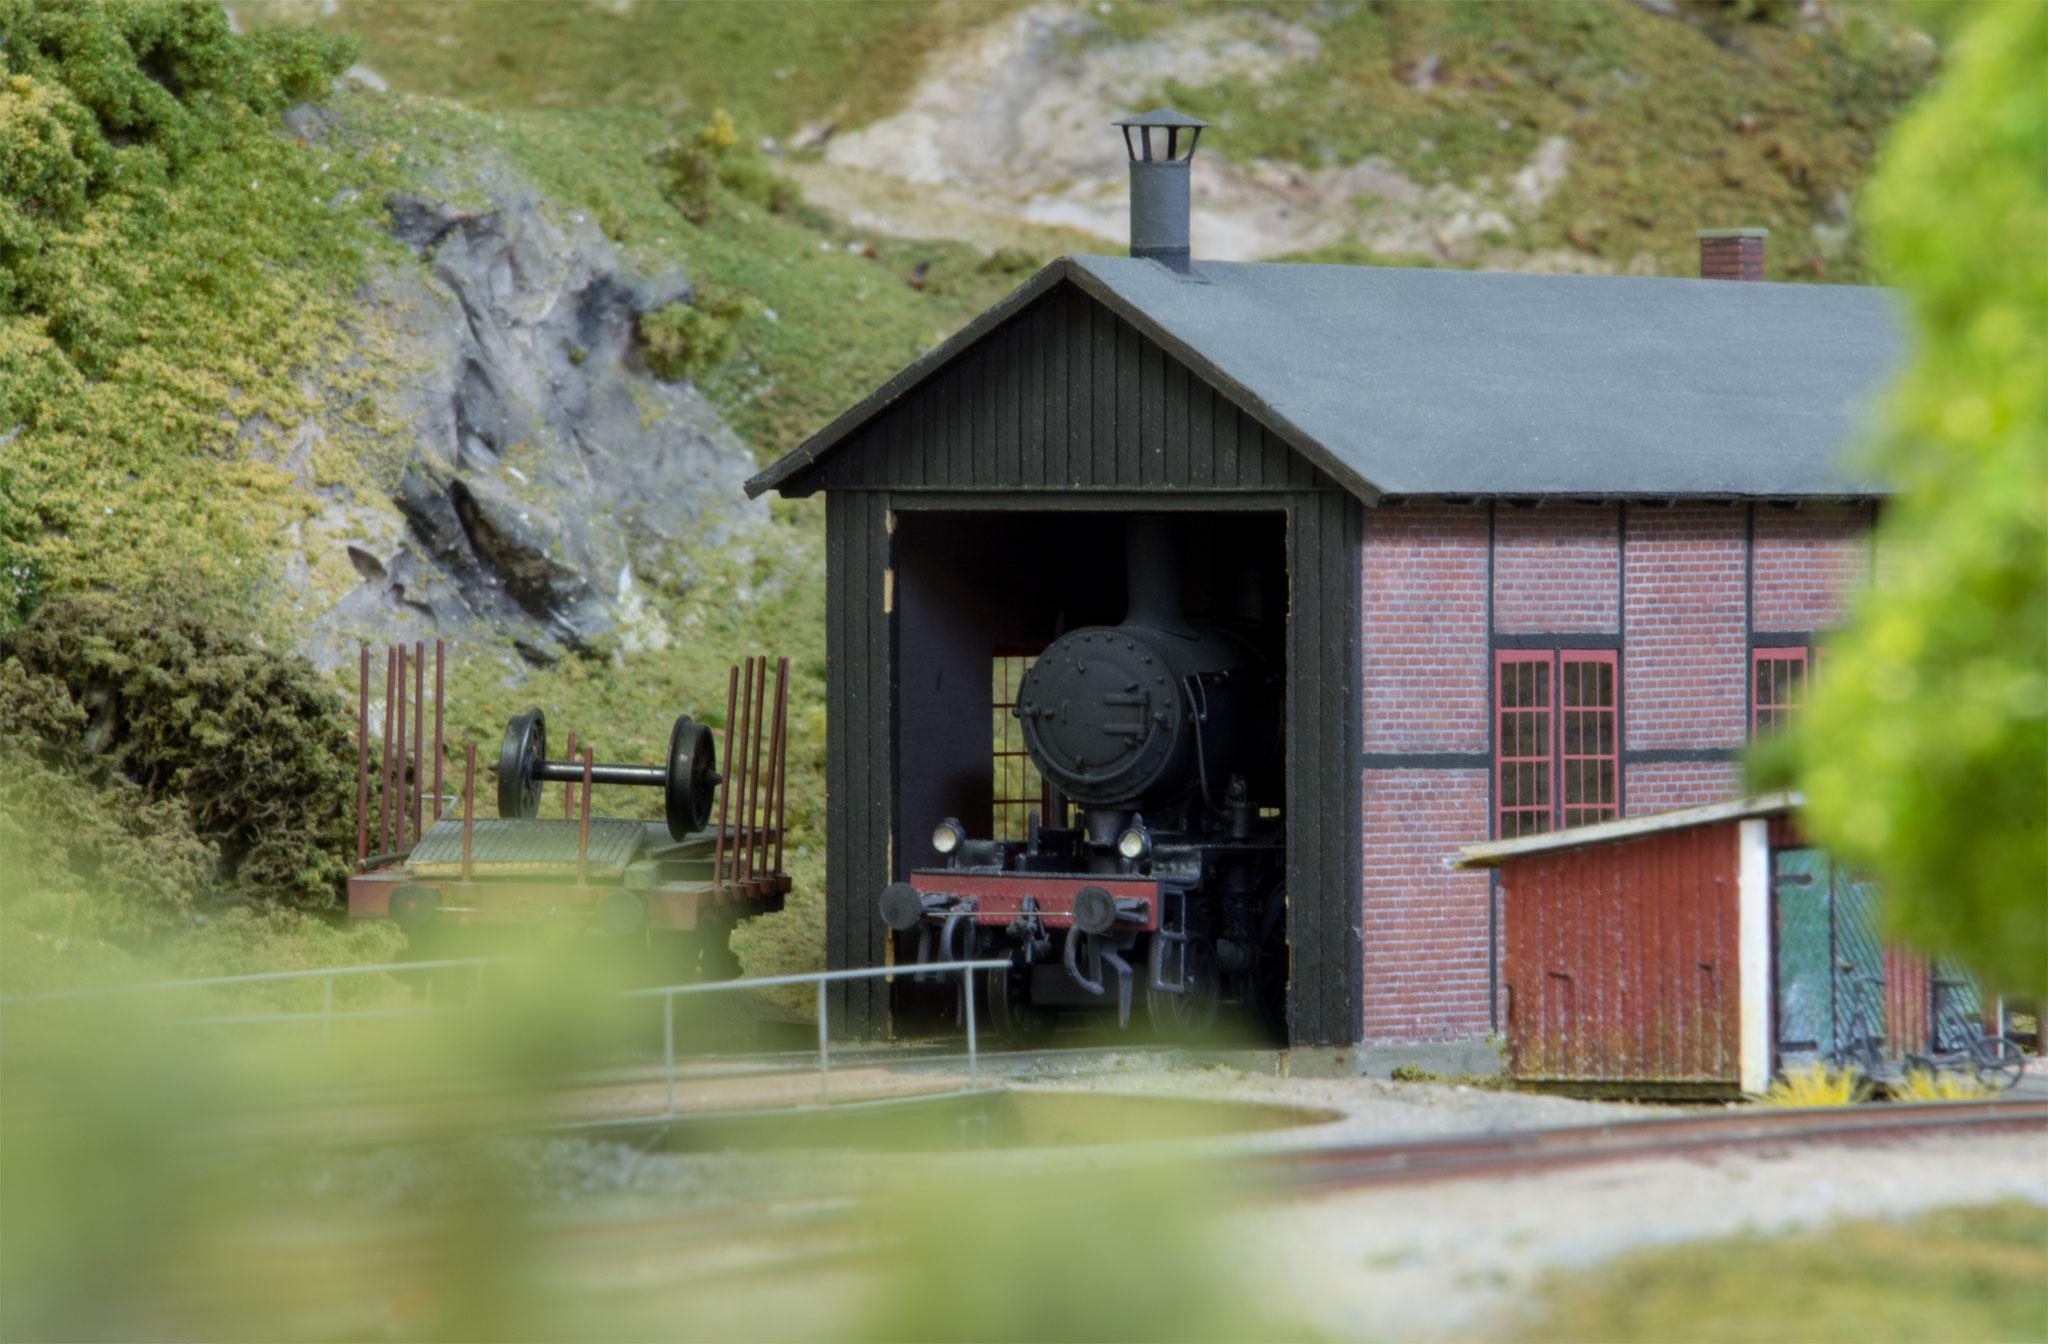 Remisen i Korted, scratchbygget af K-A Karlsson (Forbillede: Bengtsfors)